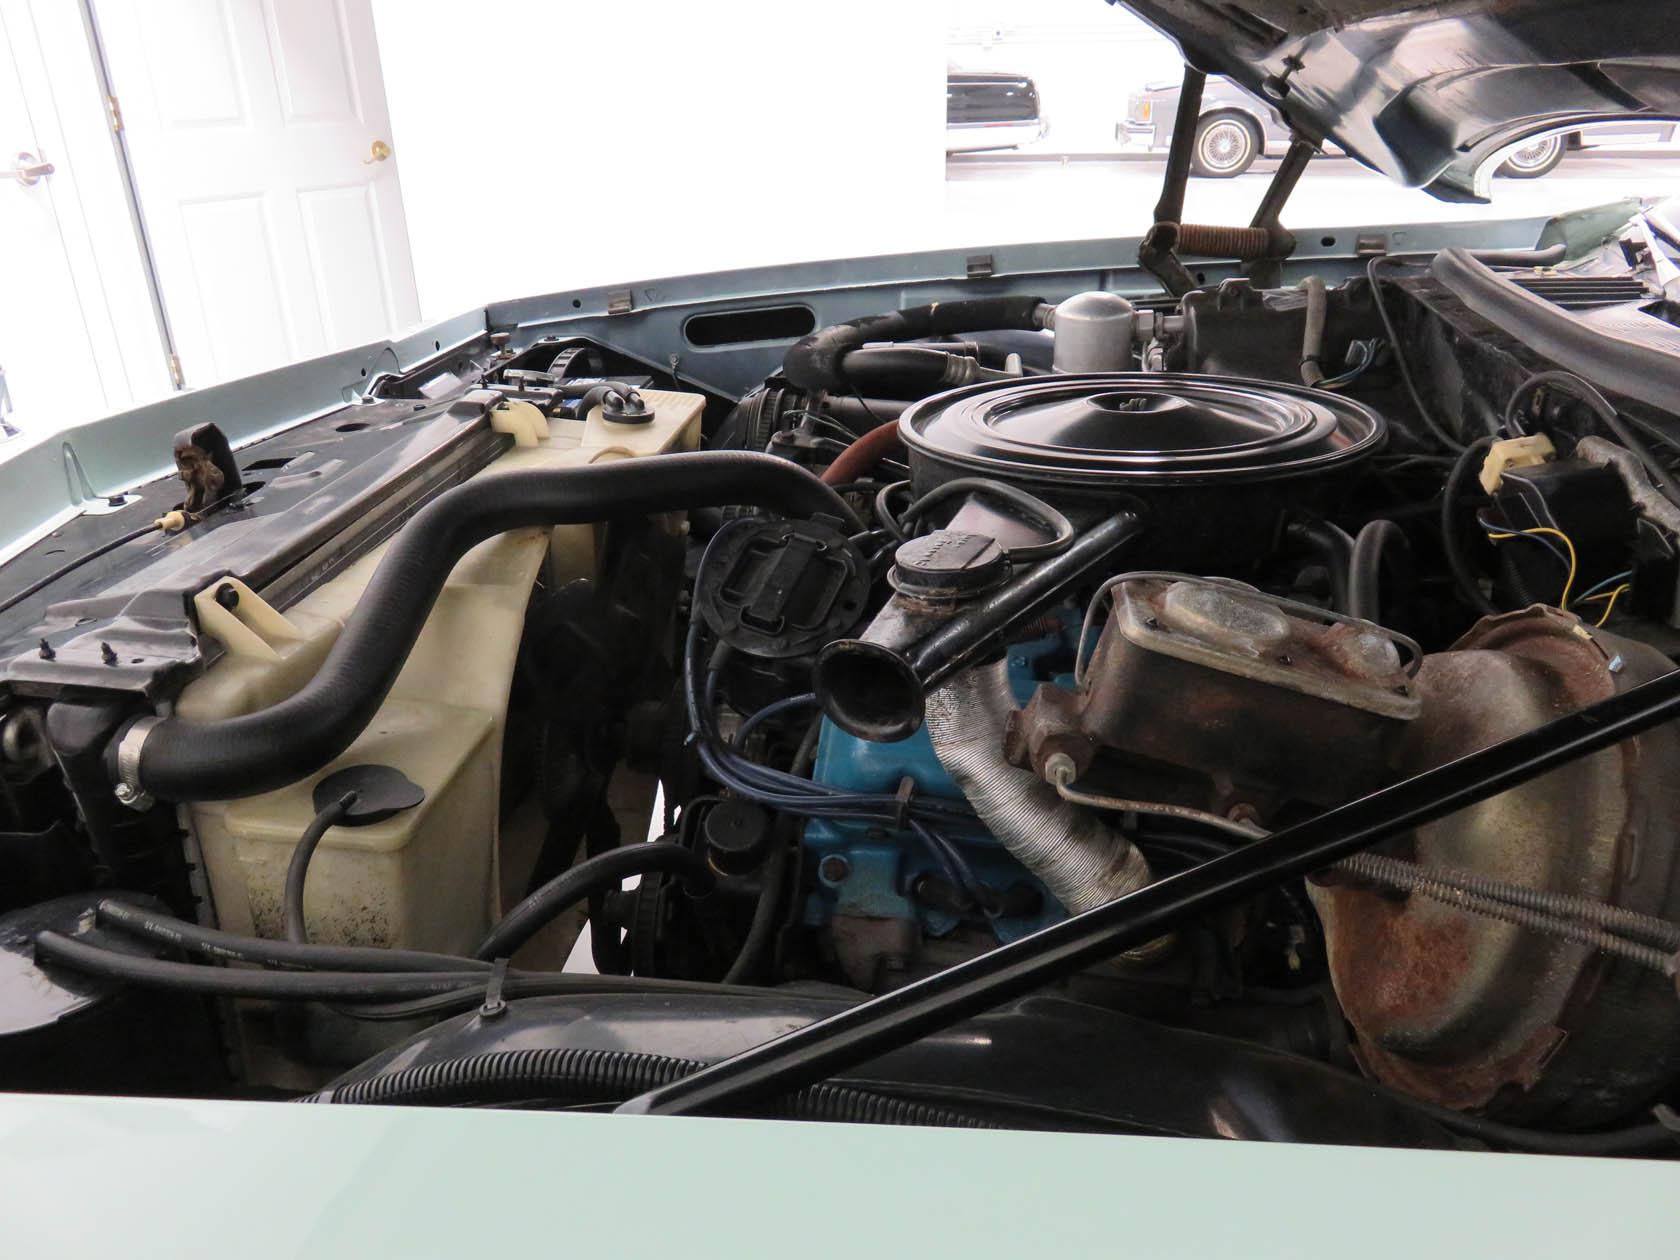 Michael Esposito - 1974 Oldsmobile Cutlasss Supreme 387